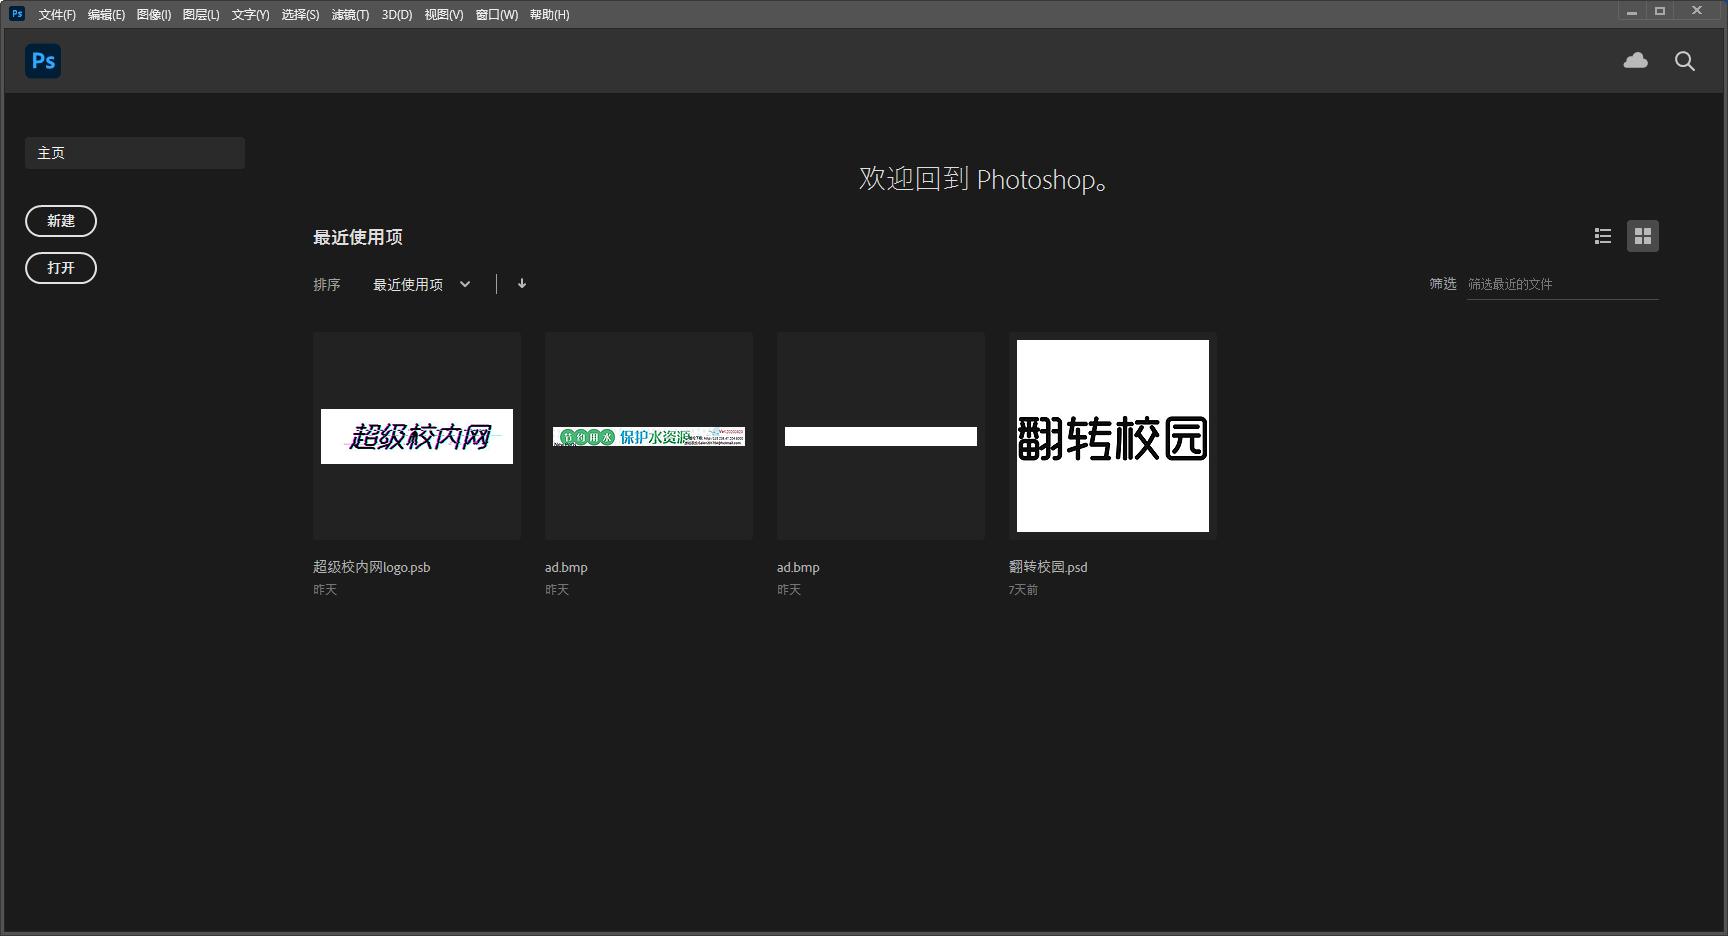 PS2020便携版 Adobe_Photoshop_2020_v21.1.3.190_便携版